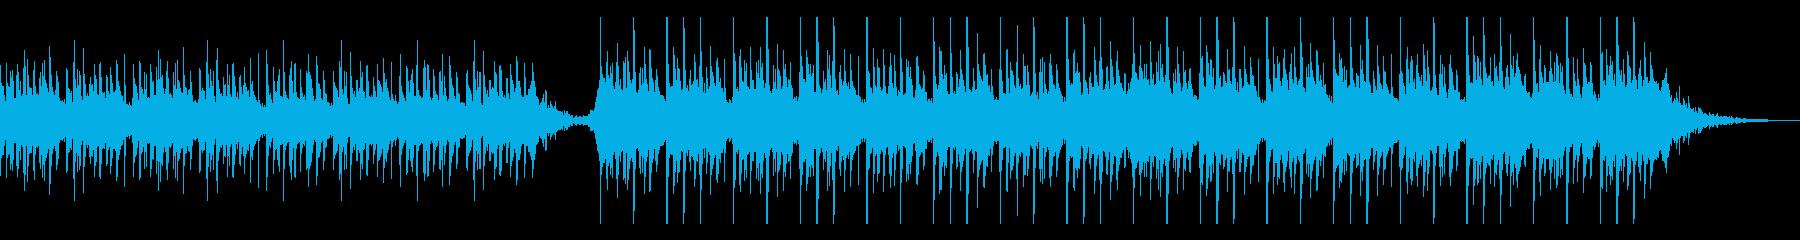 ラマダンバイラム(60秒)の再生済みの波形